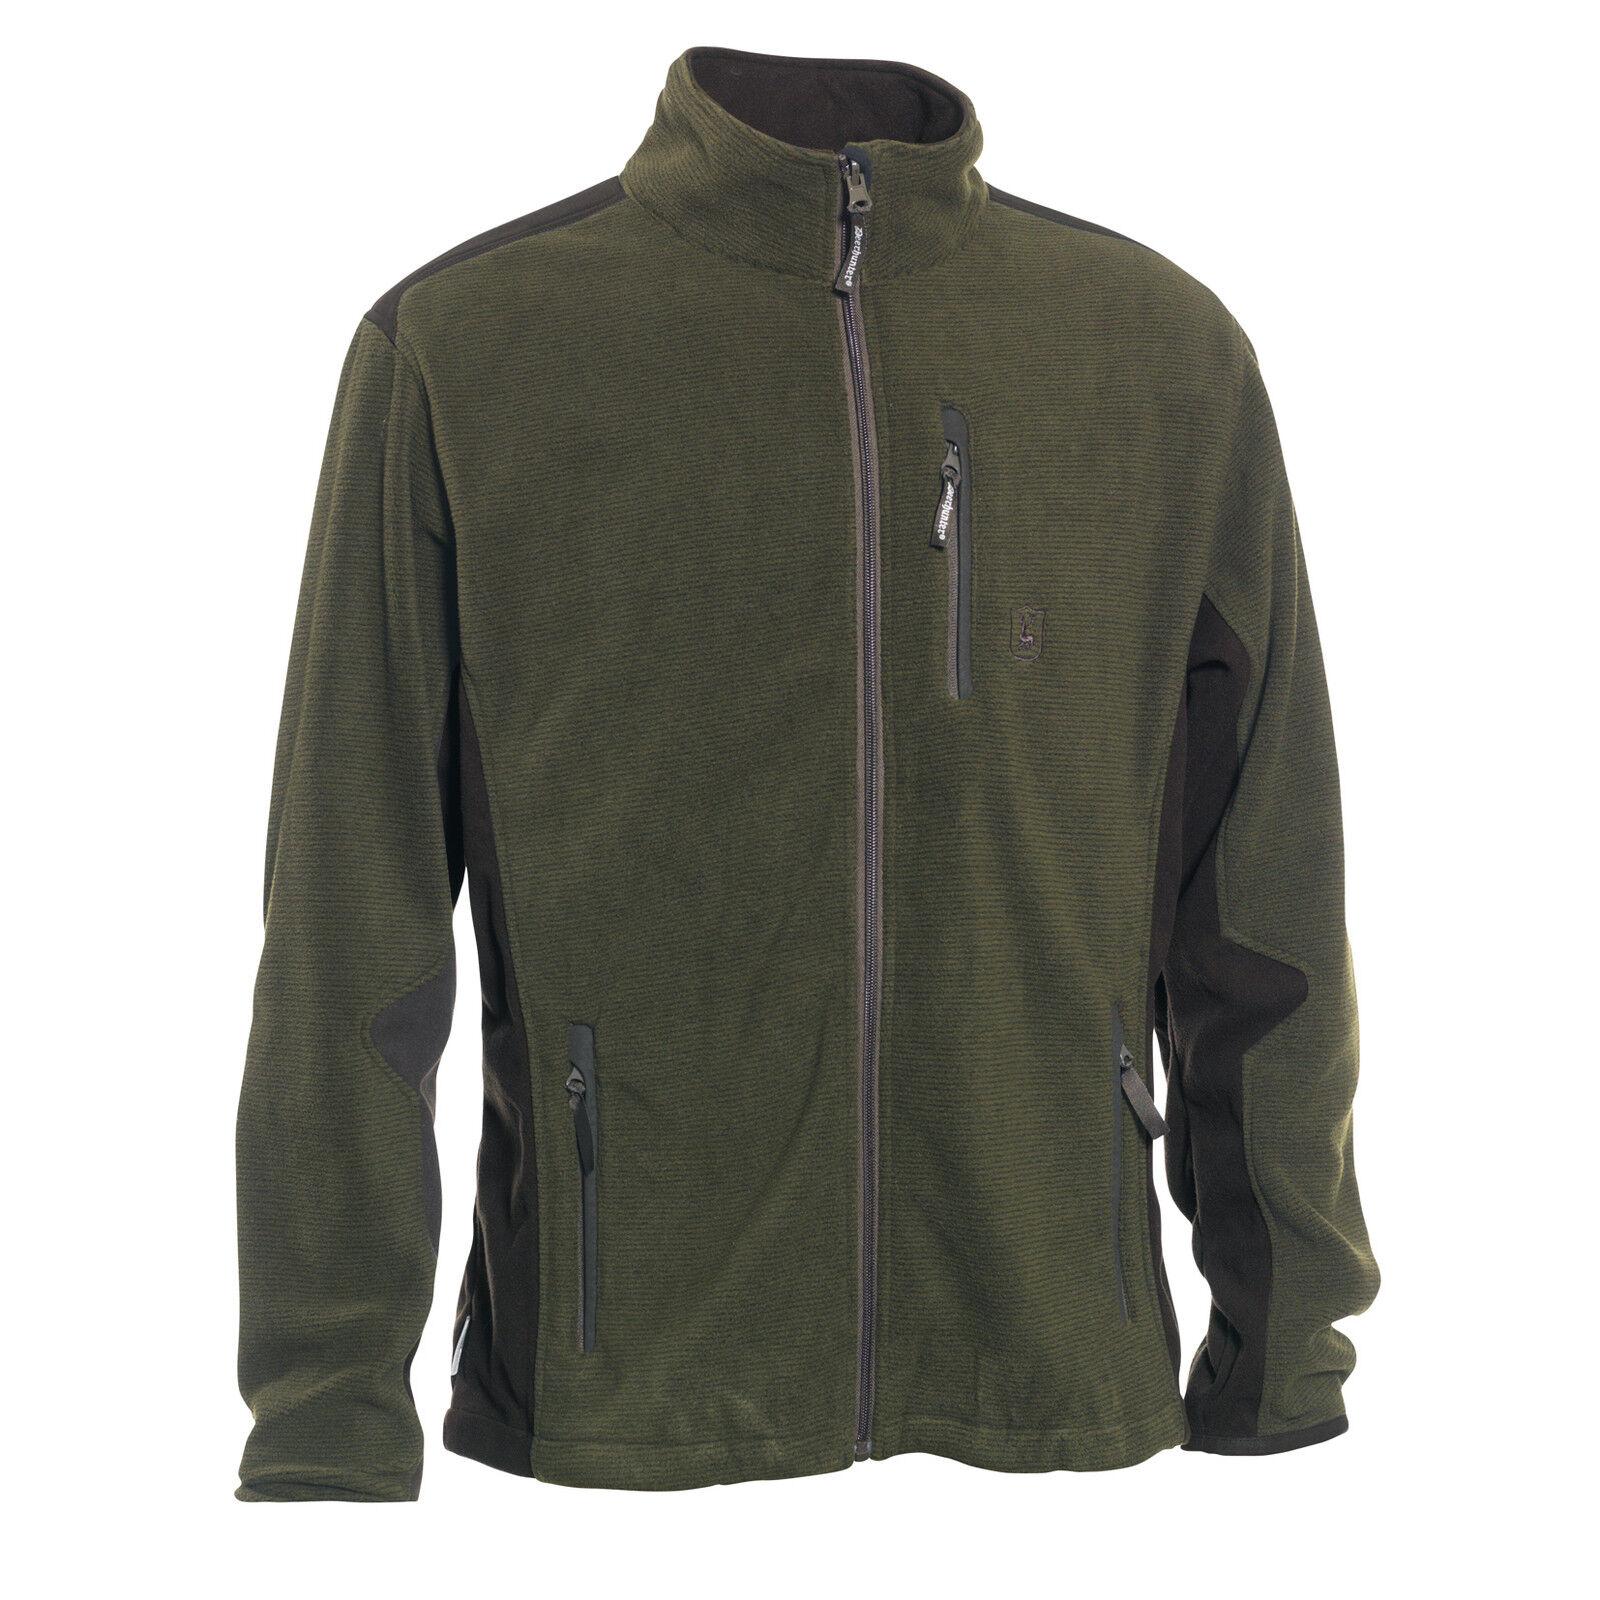 DEERHUNTER 5721 MUFLON Fleece Jacke einZippbar in 5820 5822, 376-Art groen Gr-desk;-655533n;